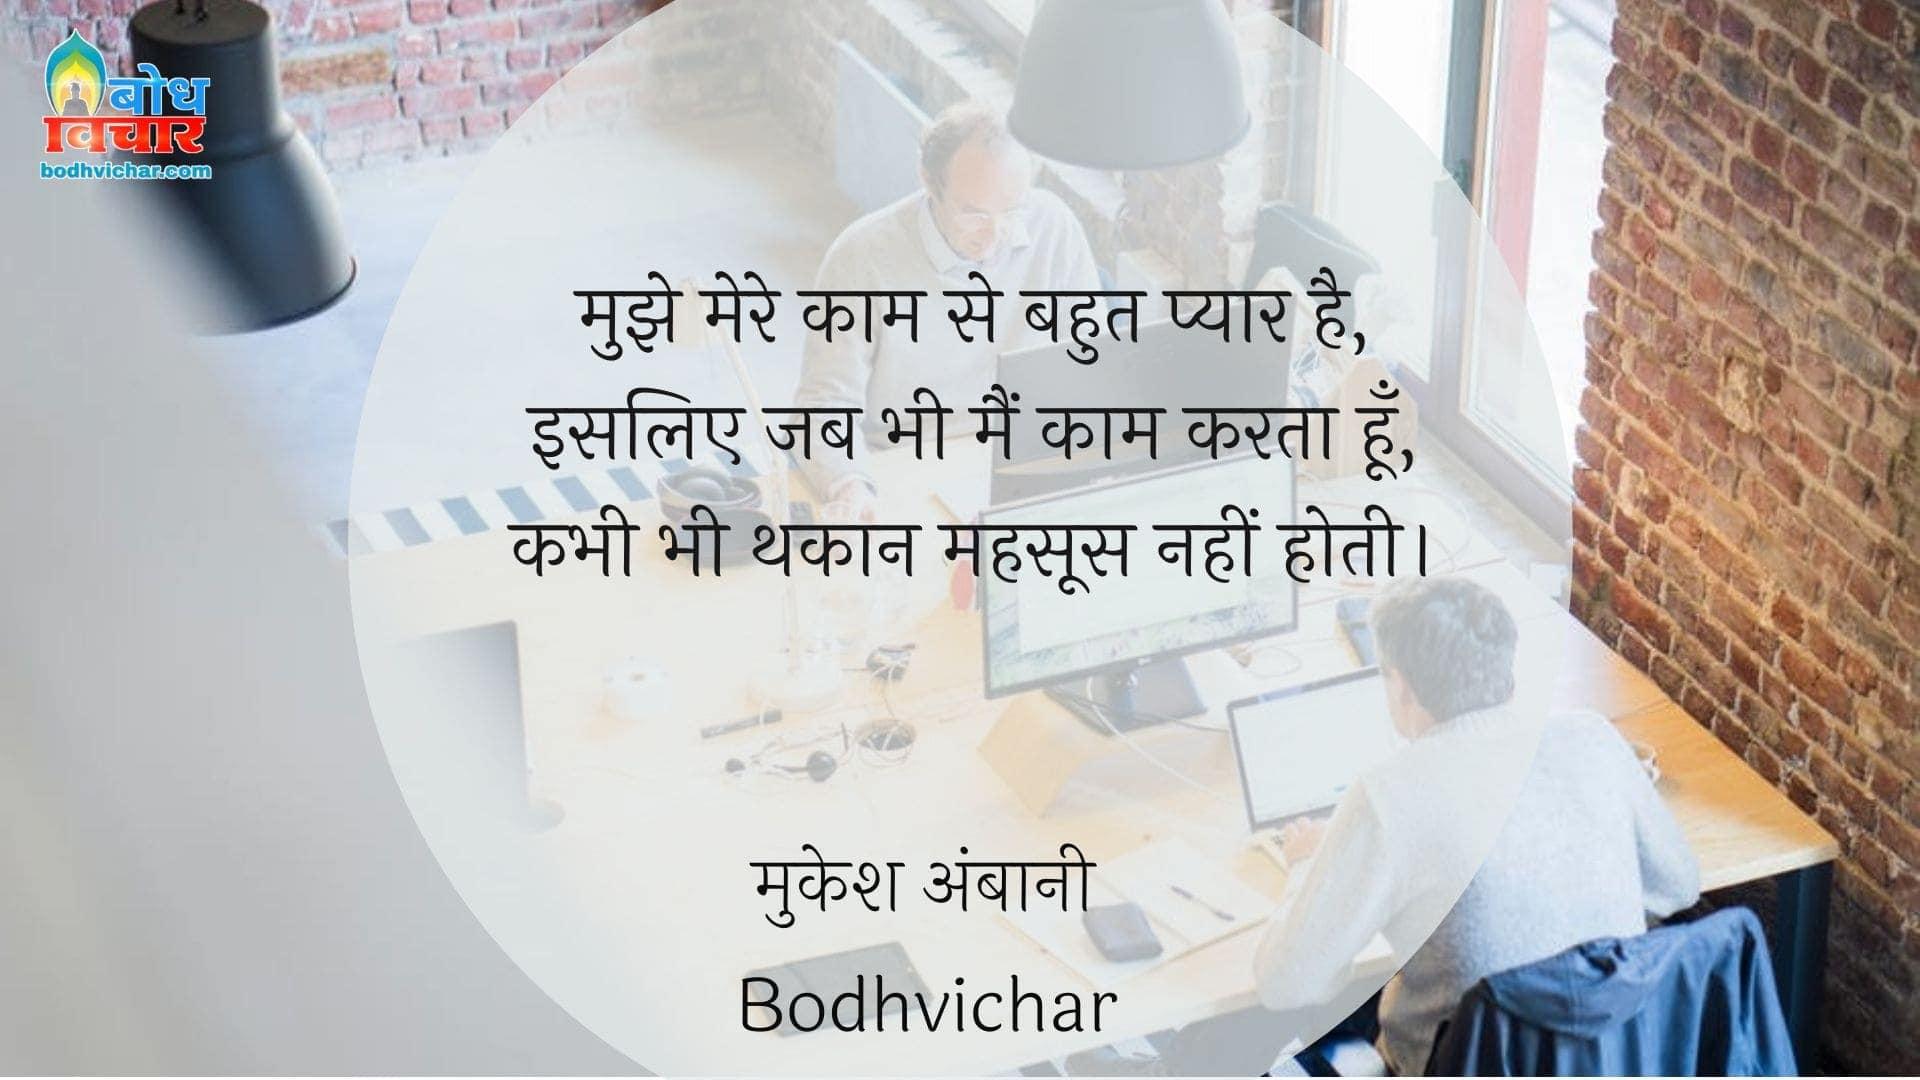 मुझे मेरे काम से बहुत प्यार है, इसलिए जब भी मैं काम करता हूँ, कभी भी थकान महसूस नहीं होती। : Mujhe mere kam se bahut pyaar hai, isliye jab bhi main kaam karta hu,kabhi bhi thakaan mehsoos nahi karta . - मुकेश अंबानी